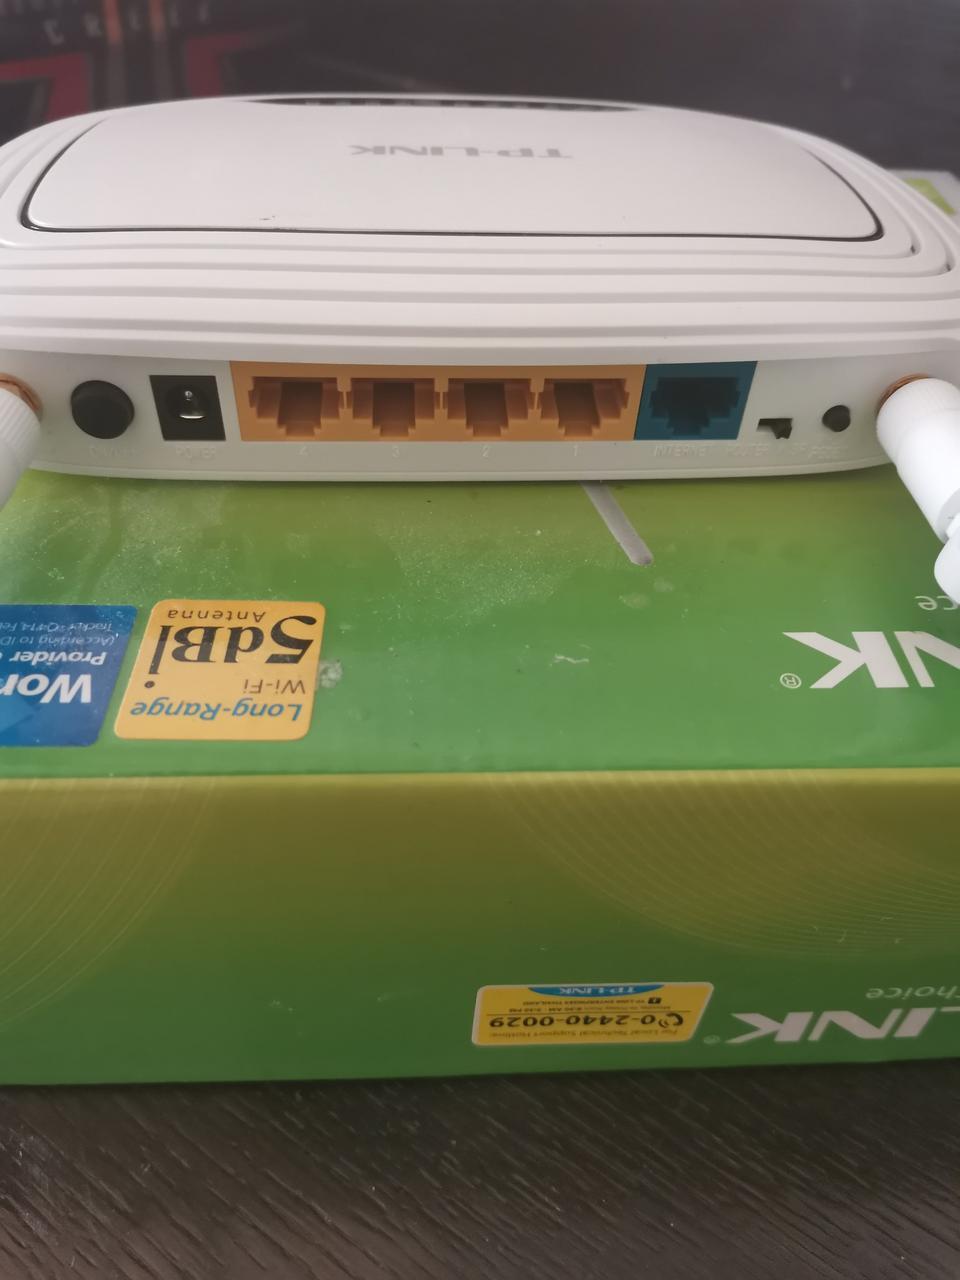 เร๊าเตอร์tplink tl3-wr843nd300mbpsสภาพใหม่แกะกล่องใช้งานได้ปกติ อุปกรณ์ครบ  รูปที่ 6